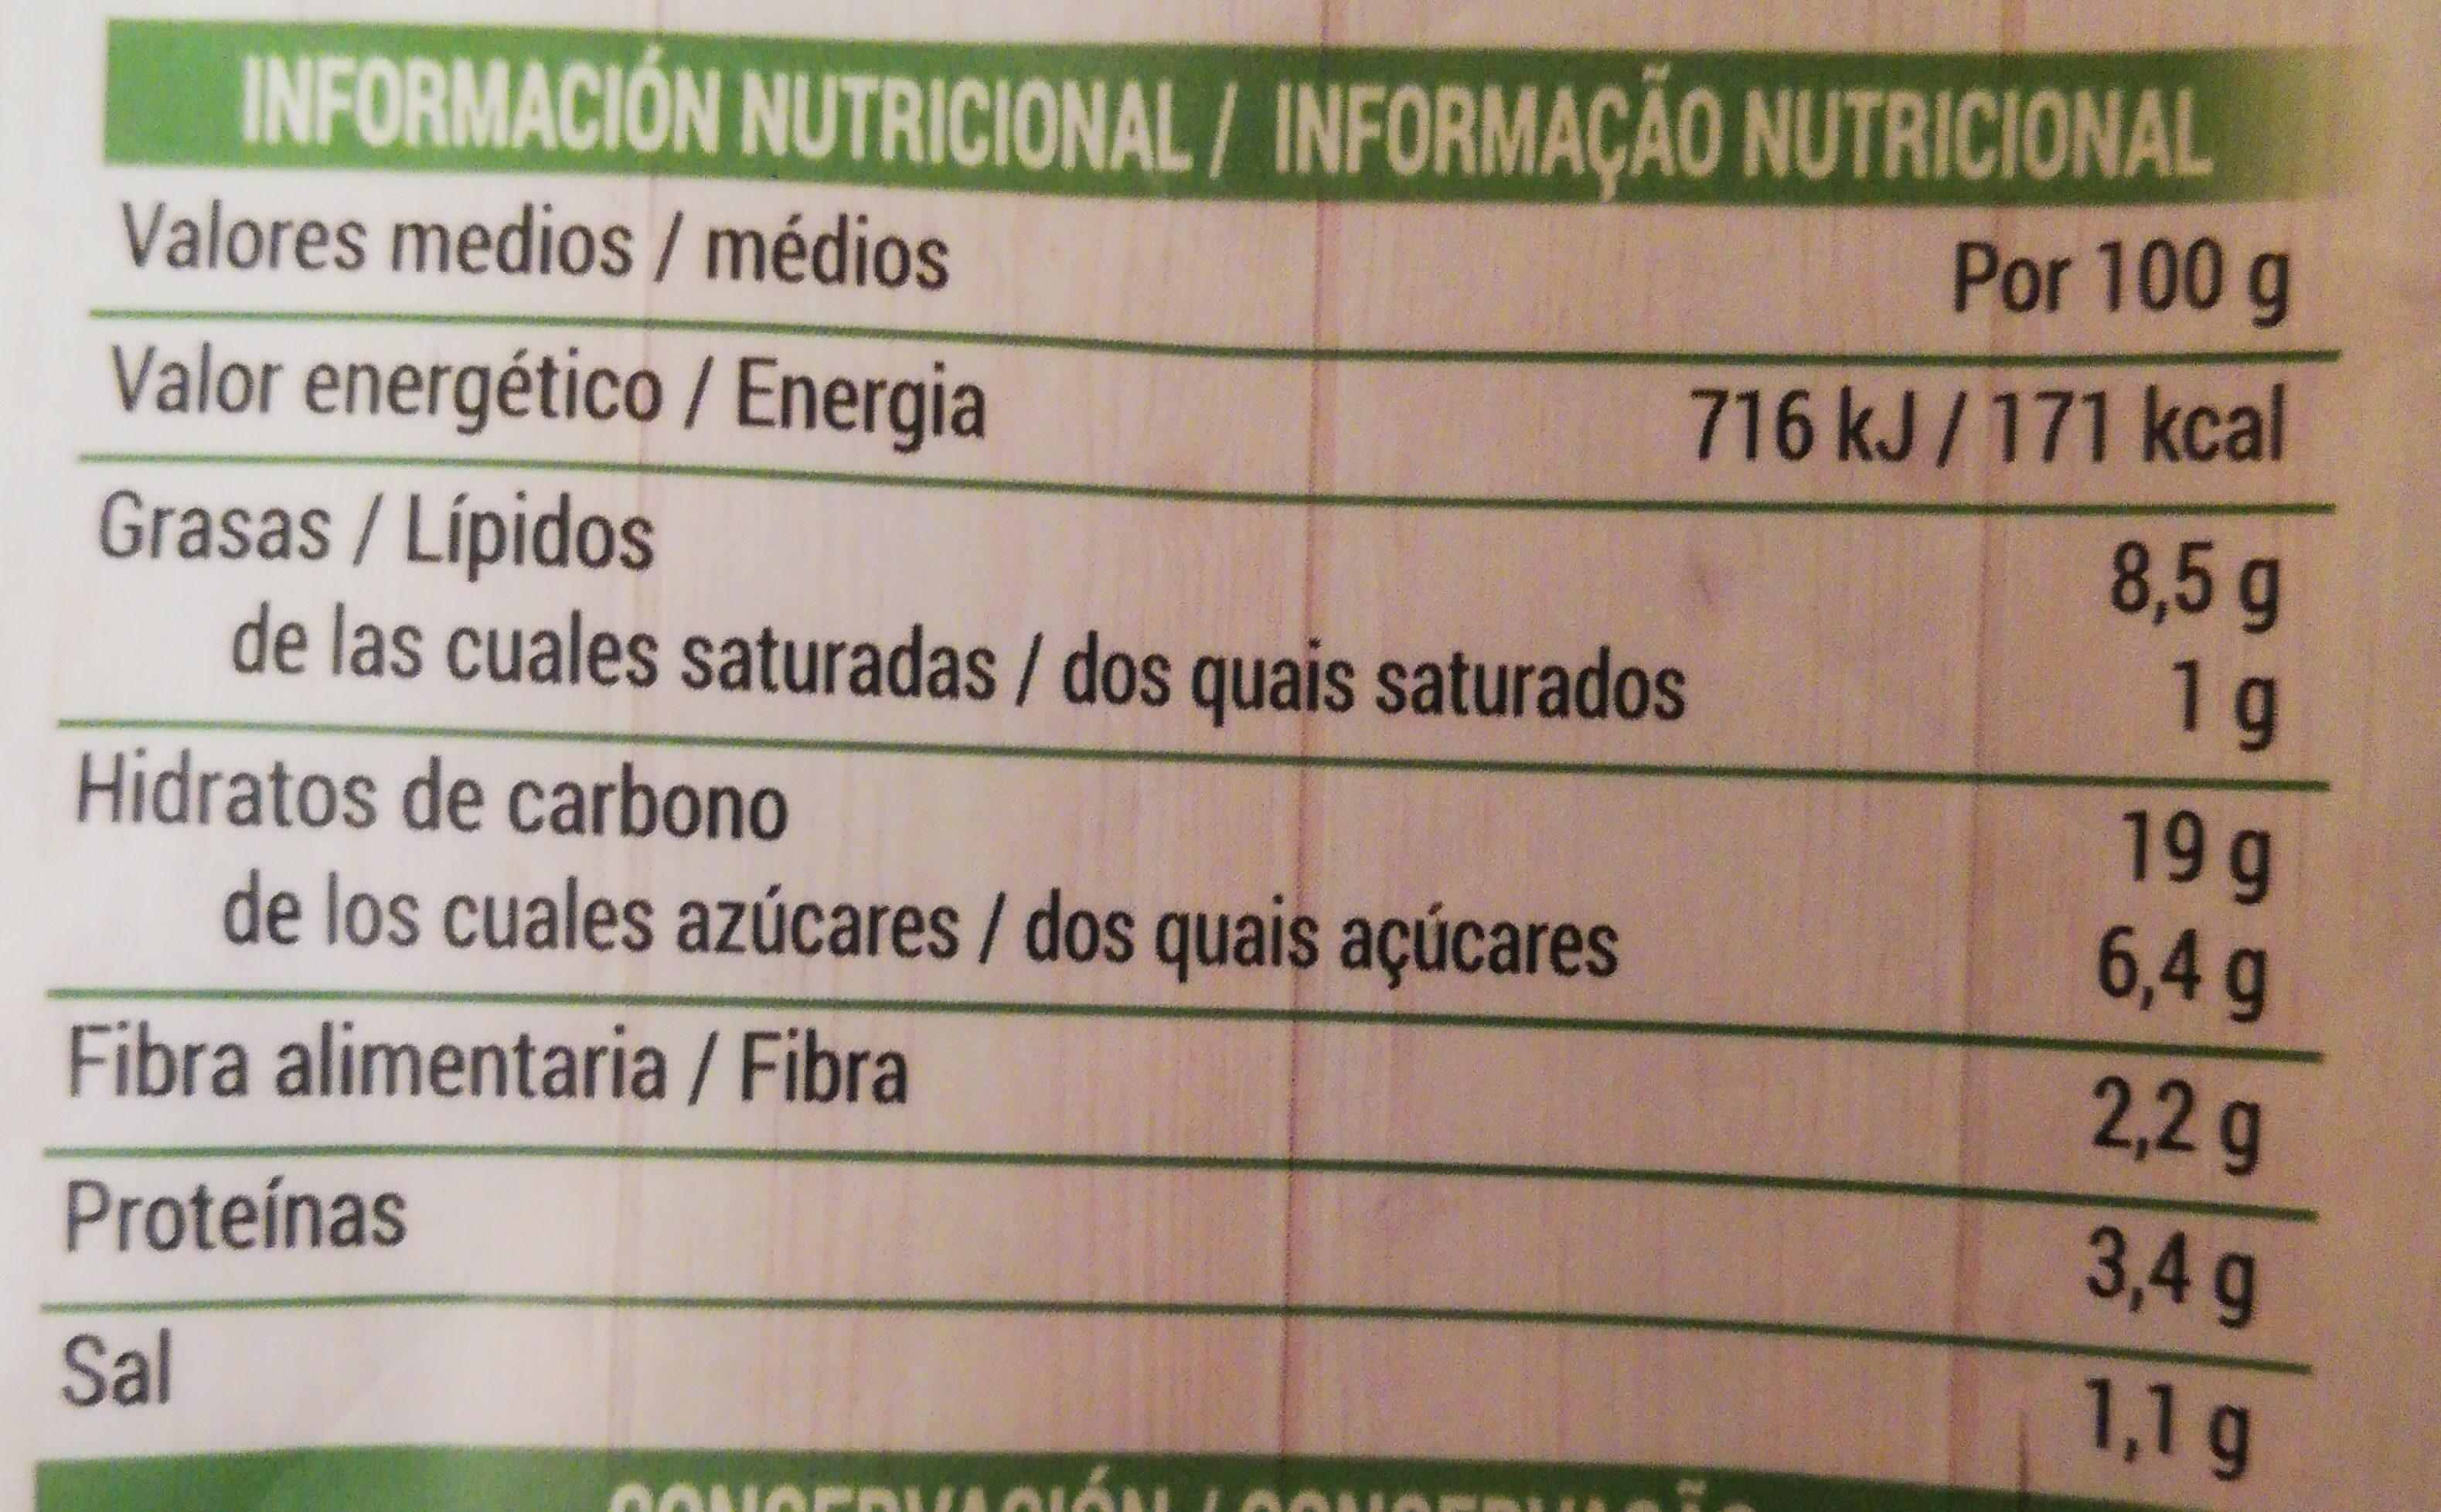 Croquetas Espinacas - Informació nutricional